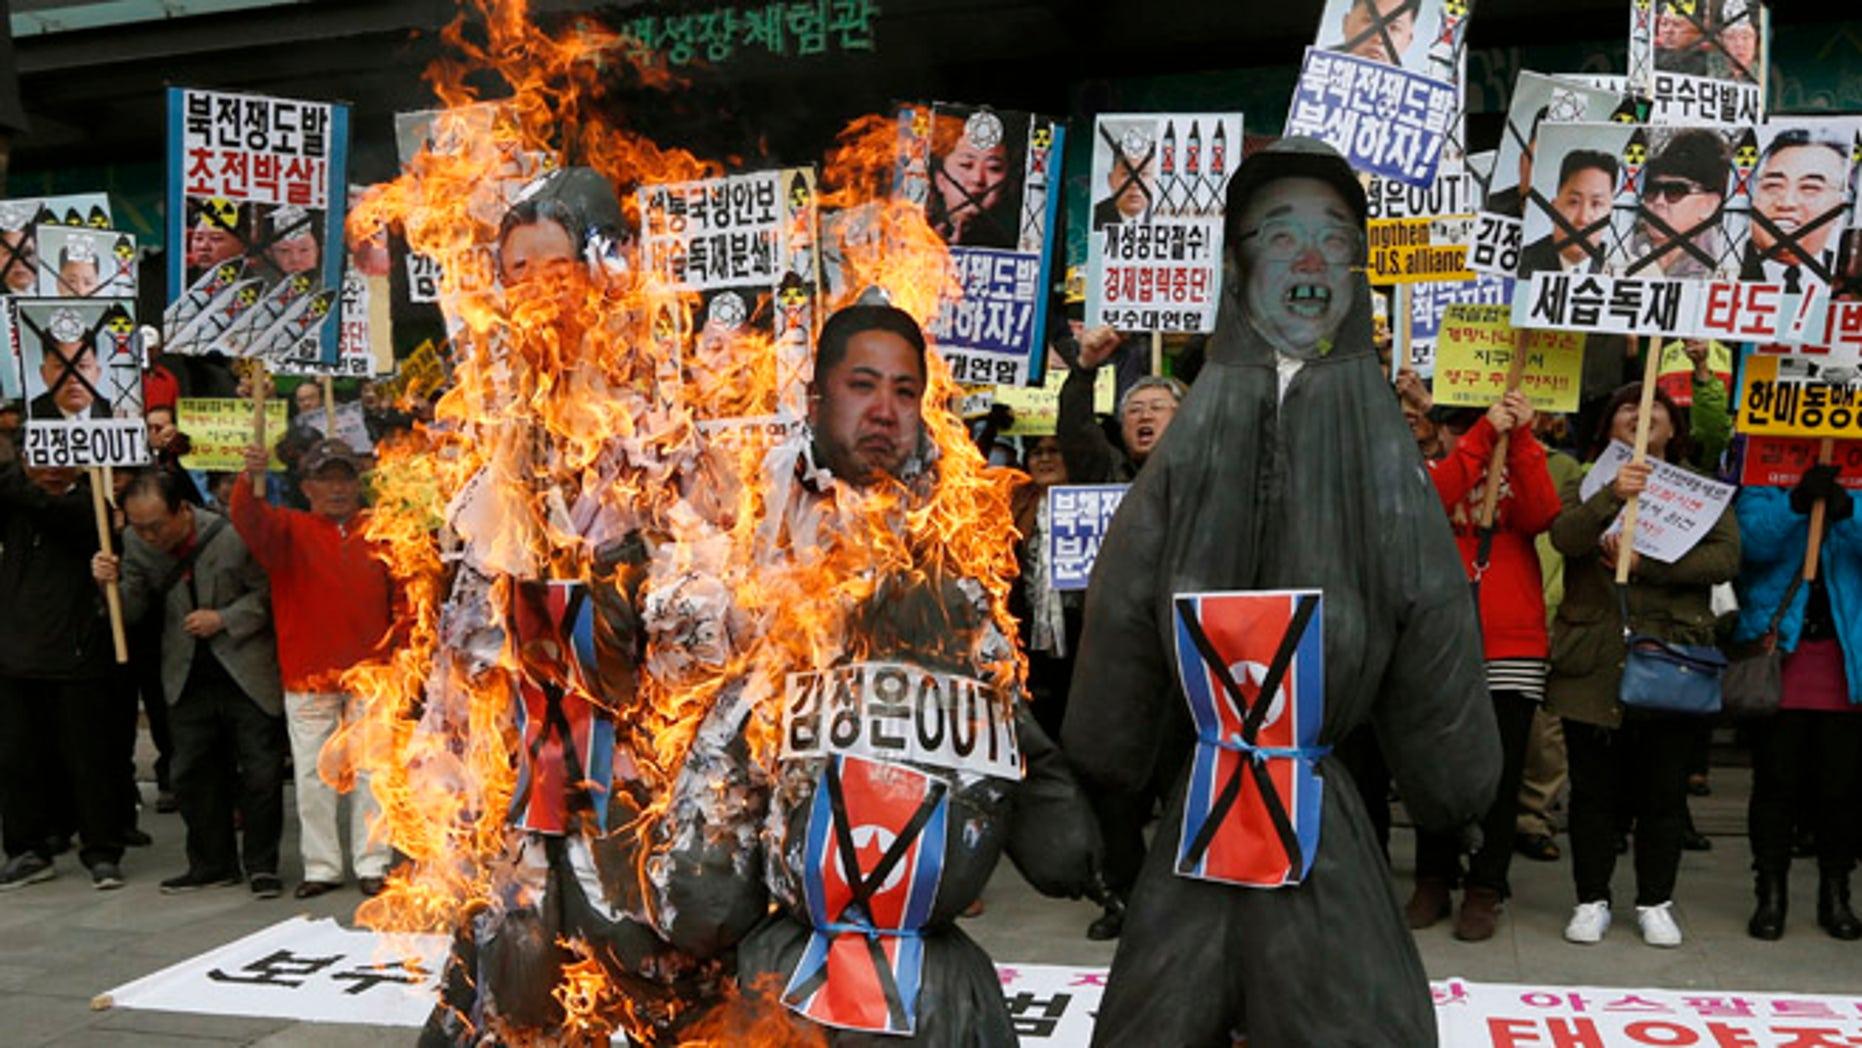 April 15, 2013: South Korean protesters burn effigies of North Korean leader Kim Jong Un, and late leaders Kim Jong Il and Kim Il Sung at an anti-North Korea protest on the birthday of Kim Il Sung in Seoul, South Korea.